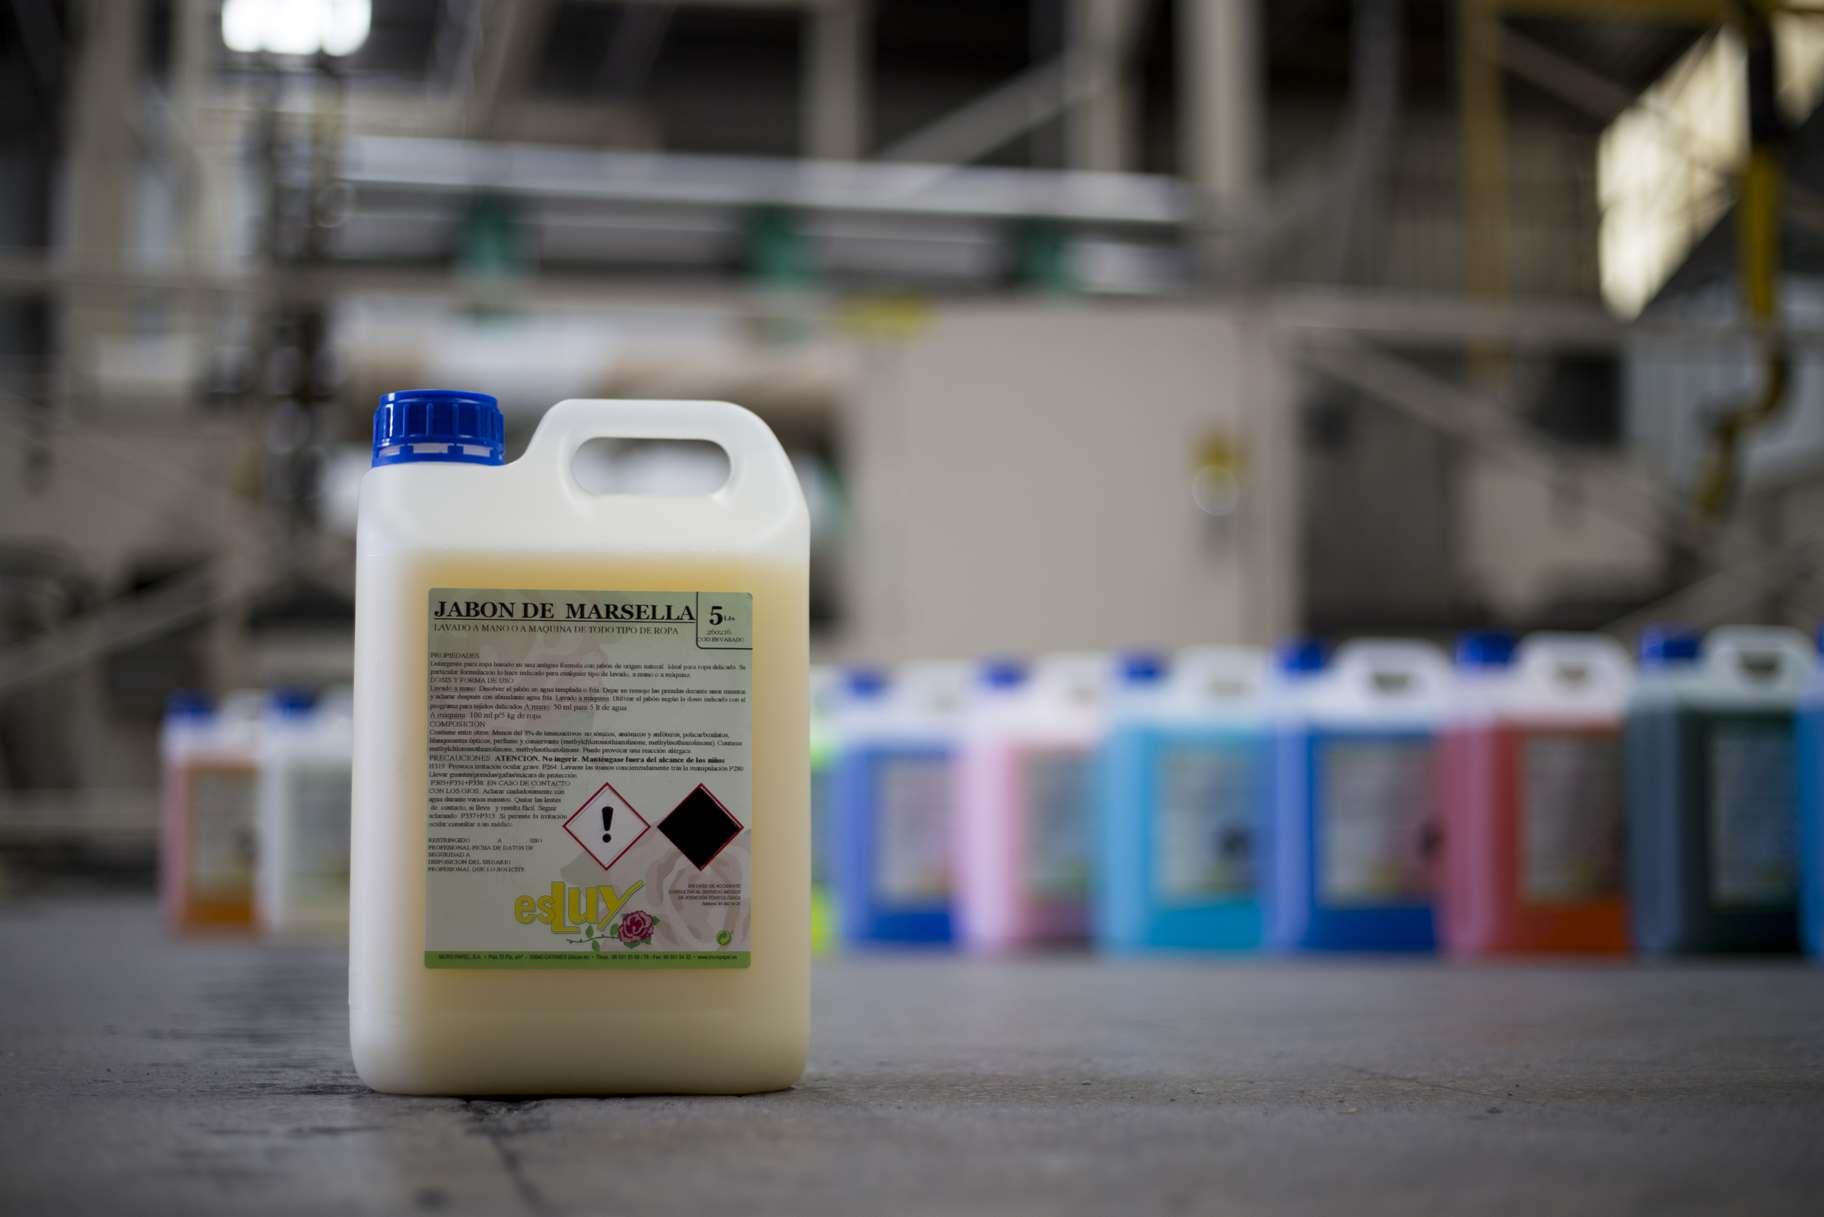 Detergente industrial de Marsella